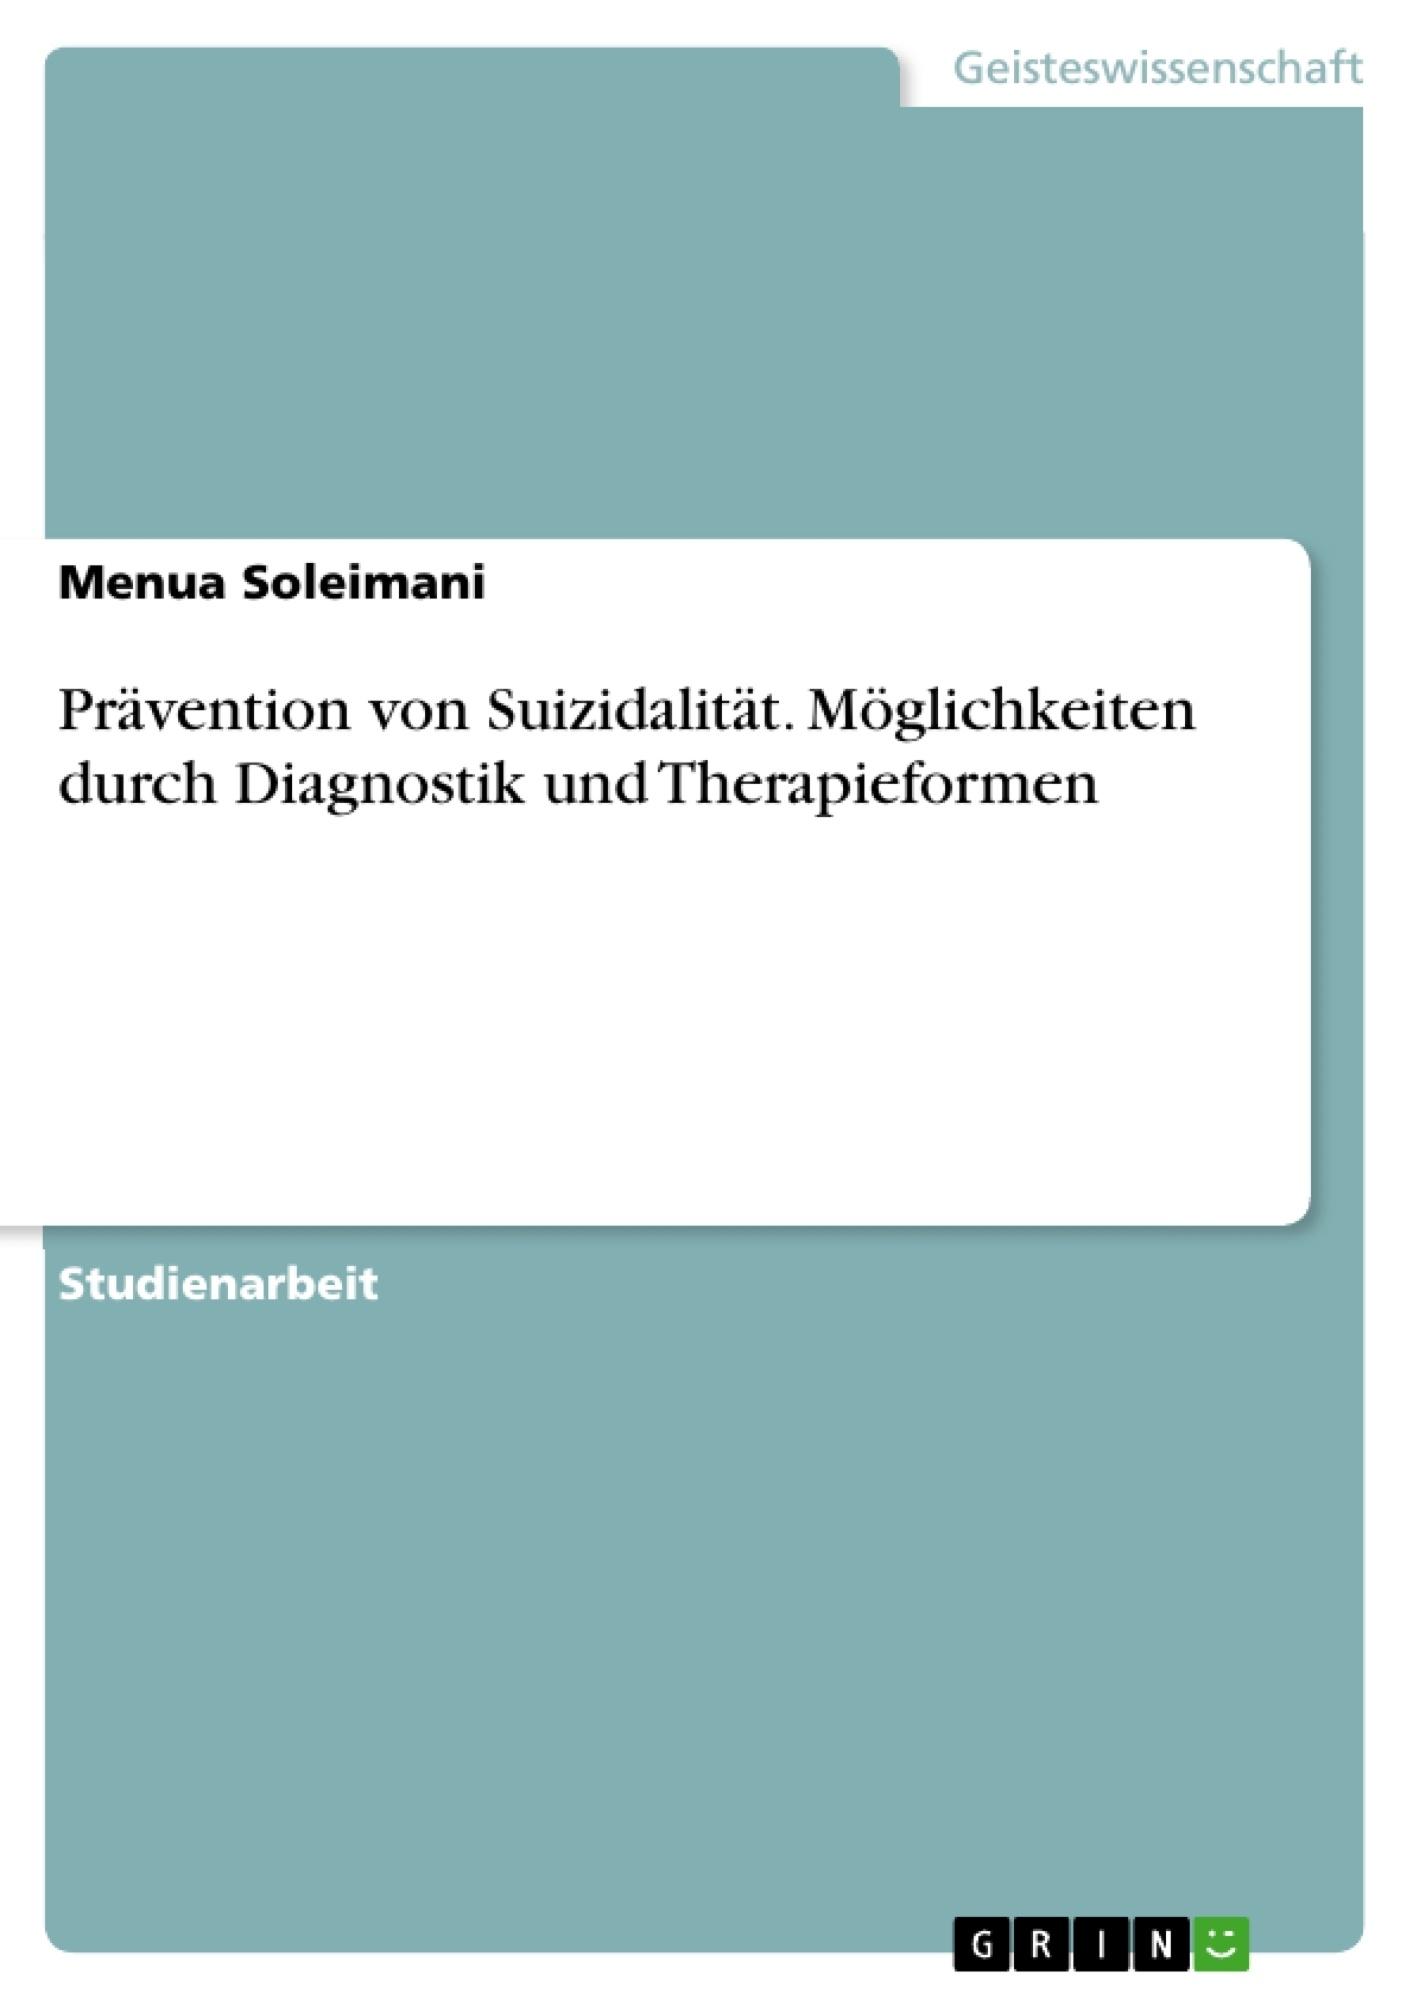 Titel: Prävention von Suizidalität. Möglichkeiten durch Diagnostik und Therapieformen